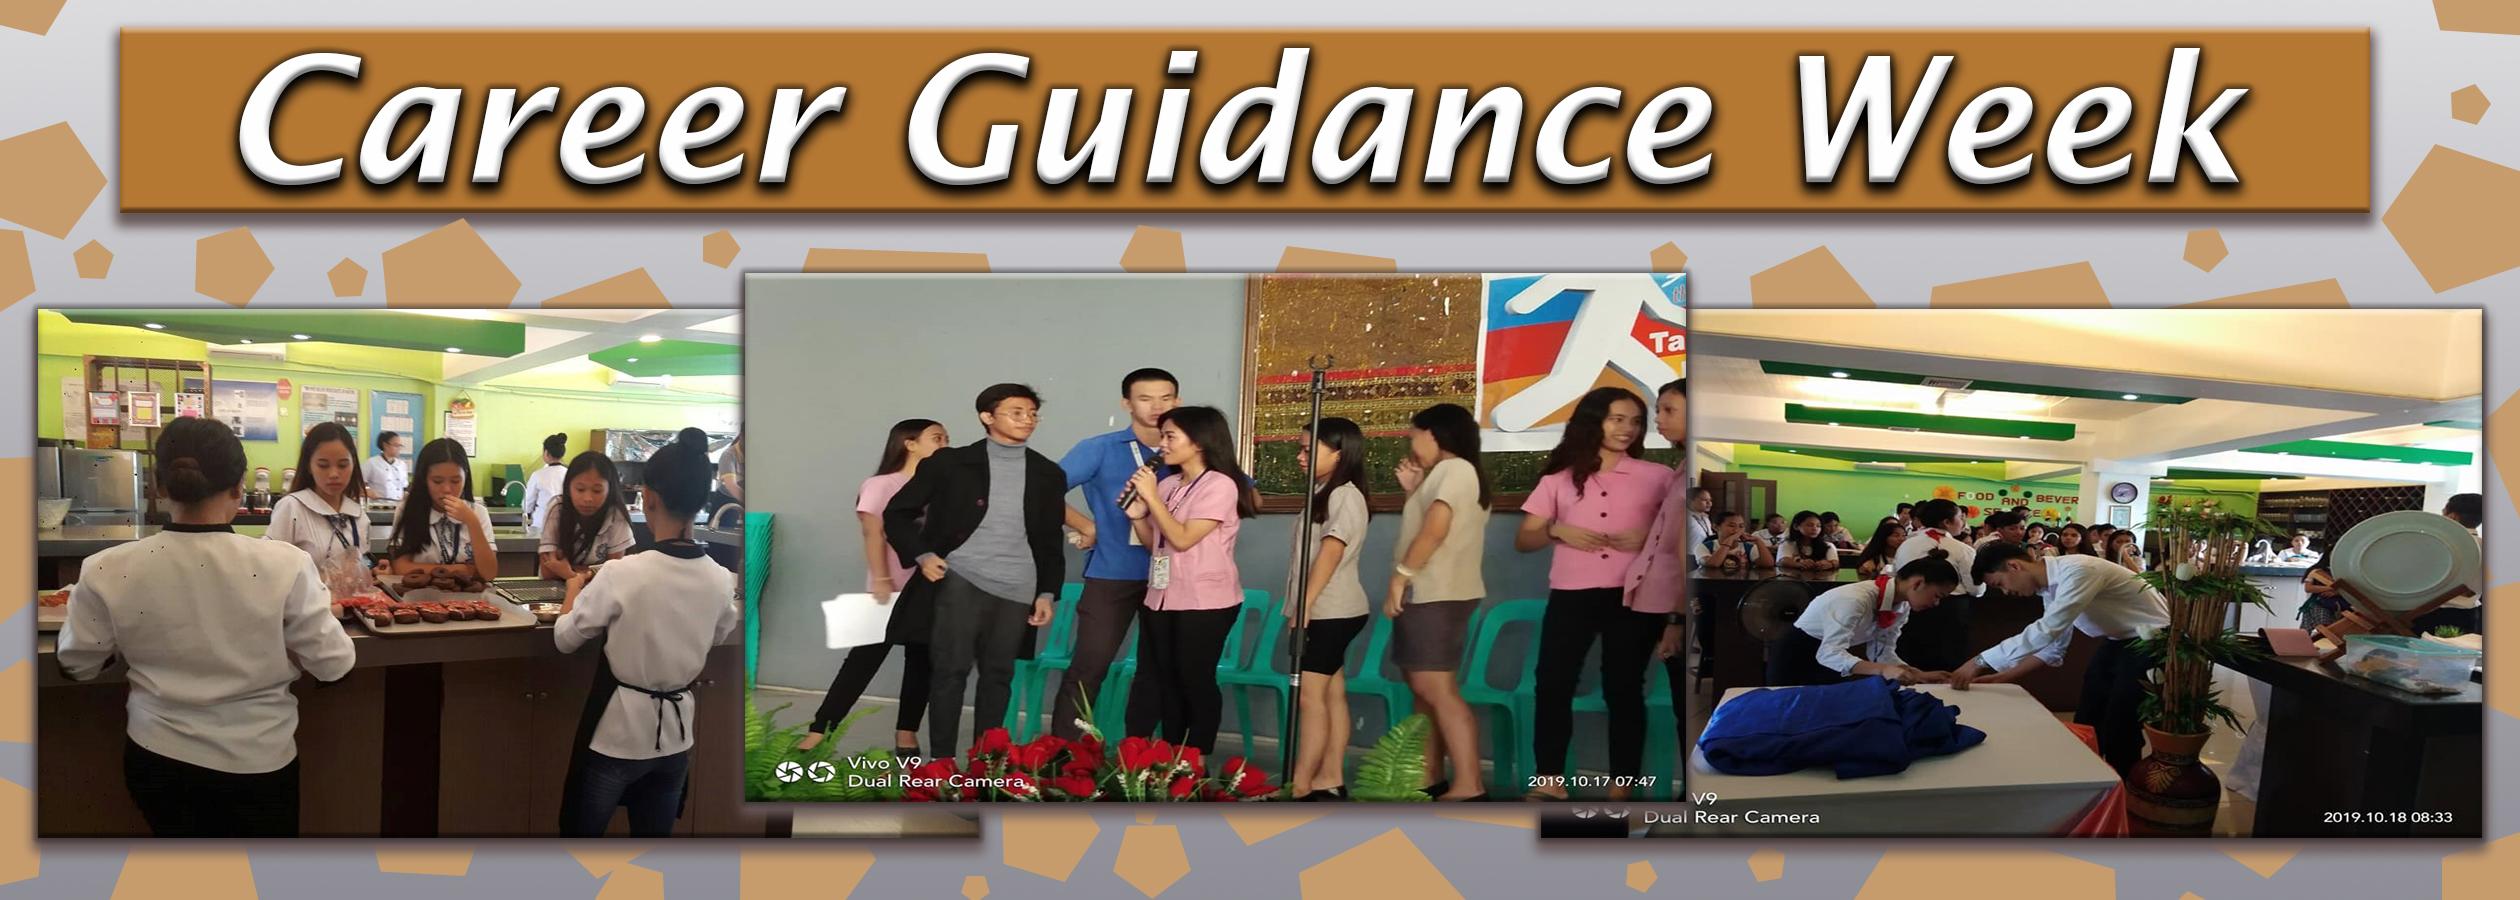 career guidance week